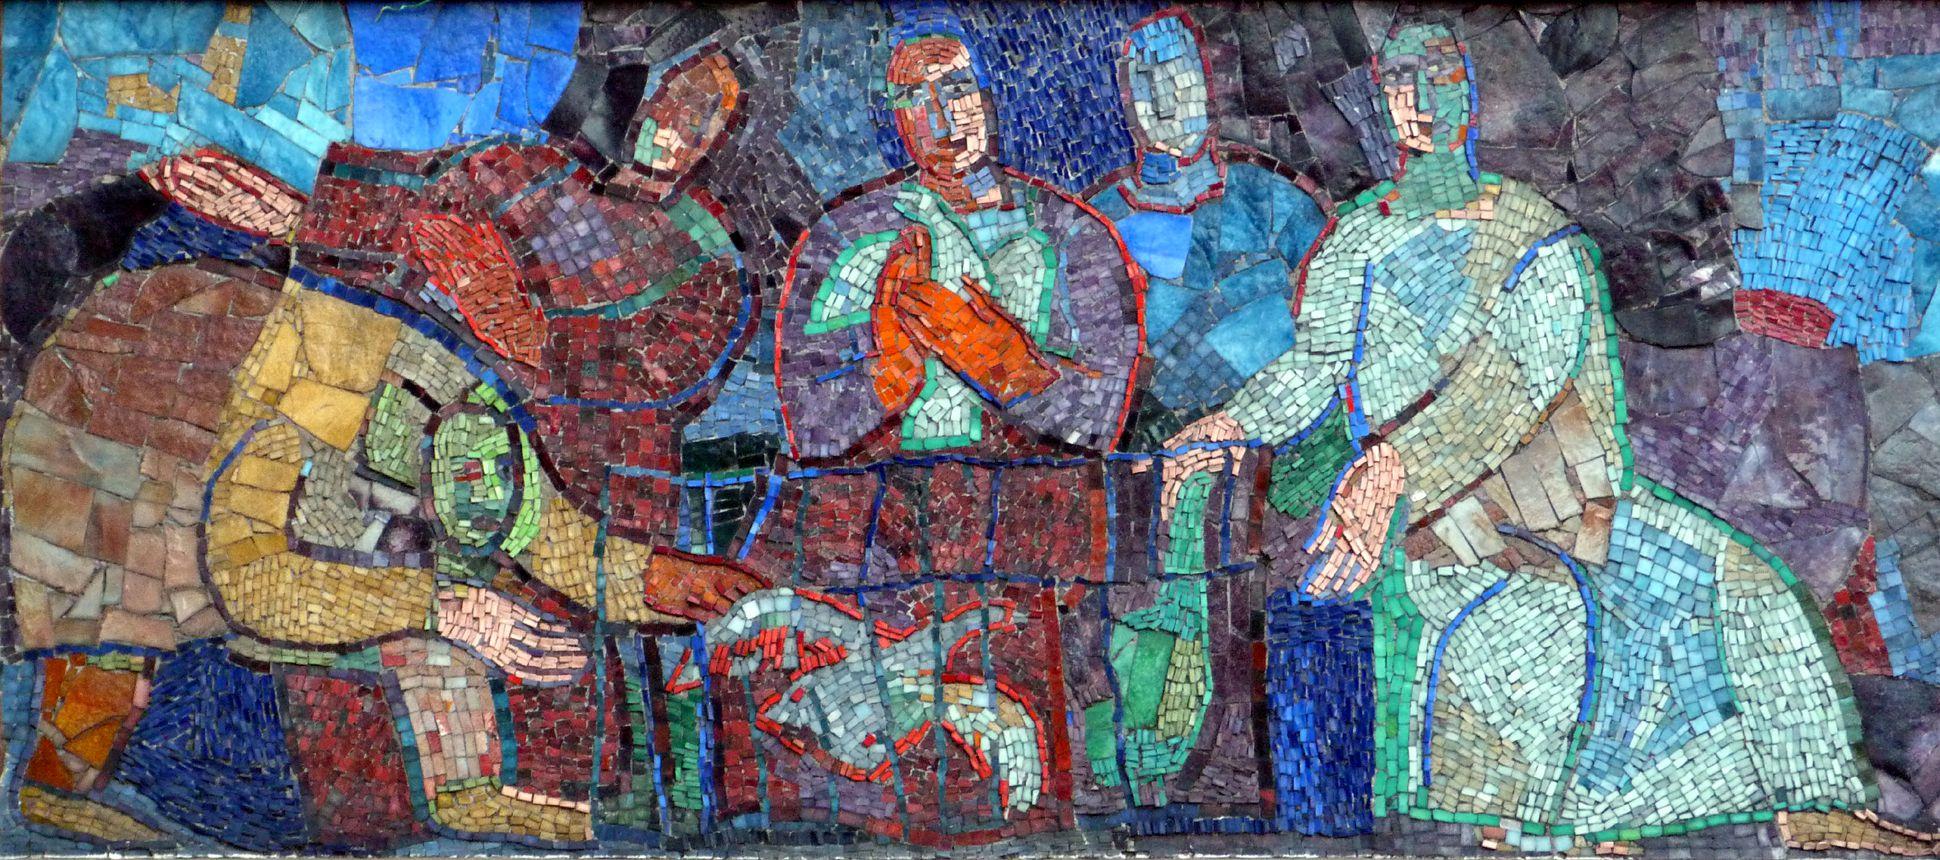 """Mosaik am Hauptmarkt in Nürnberg """"Entflohene Gans kommt in einen Käfig..."""""""